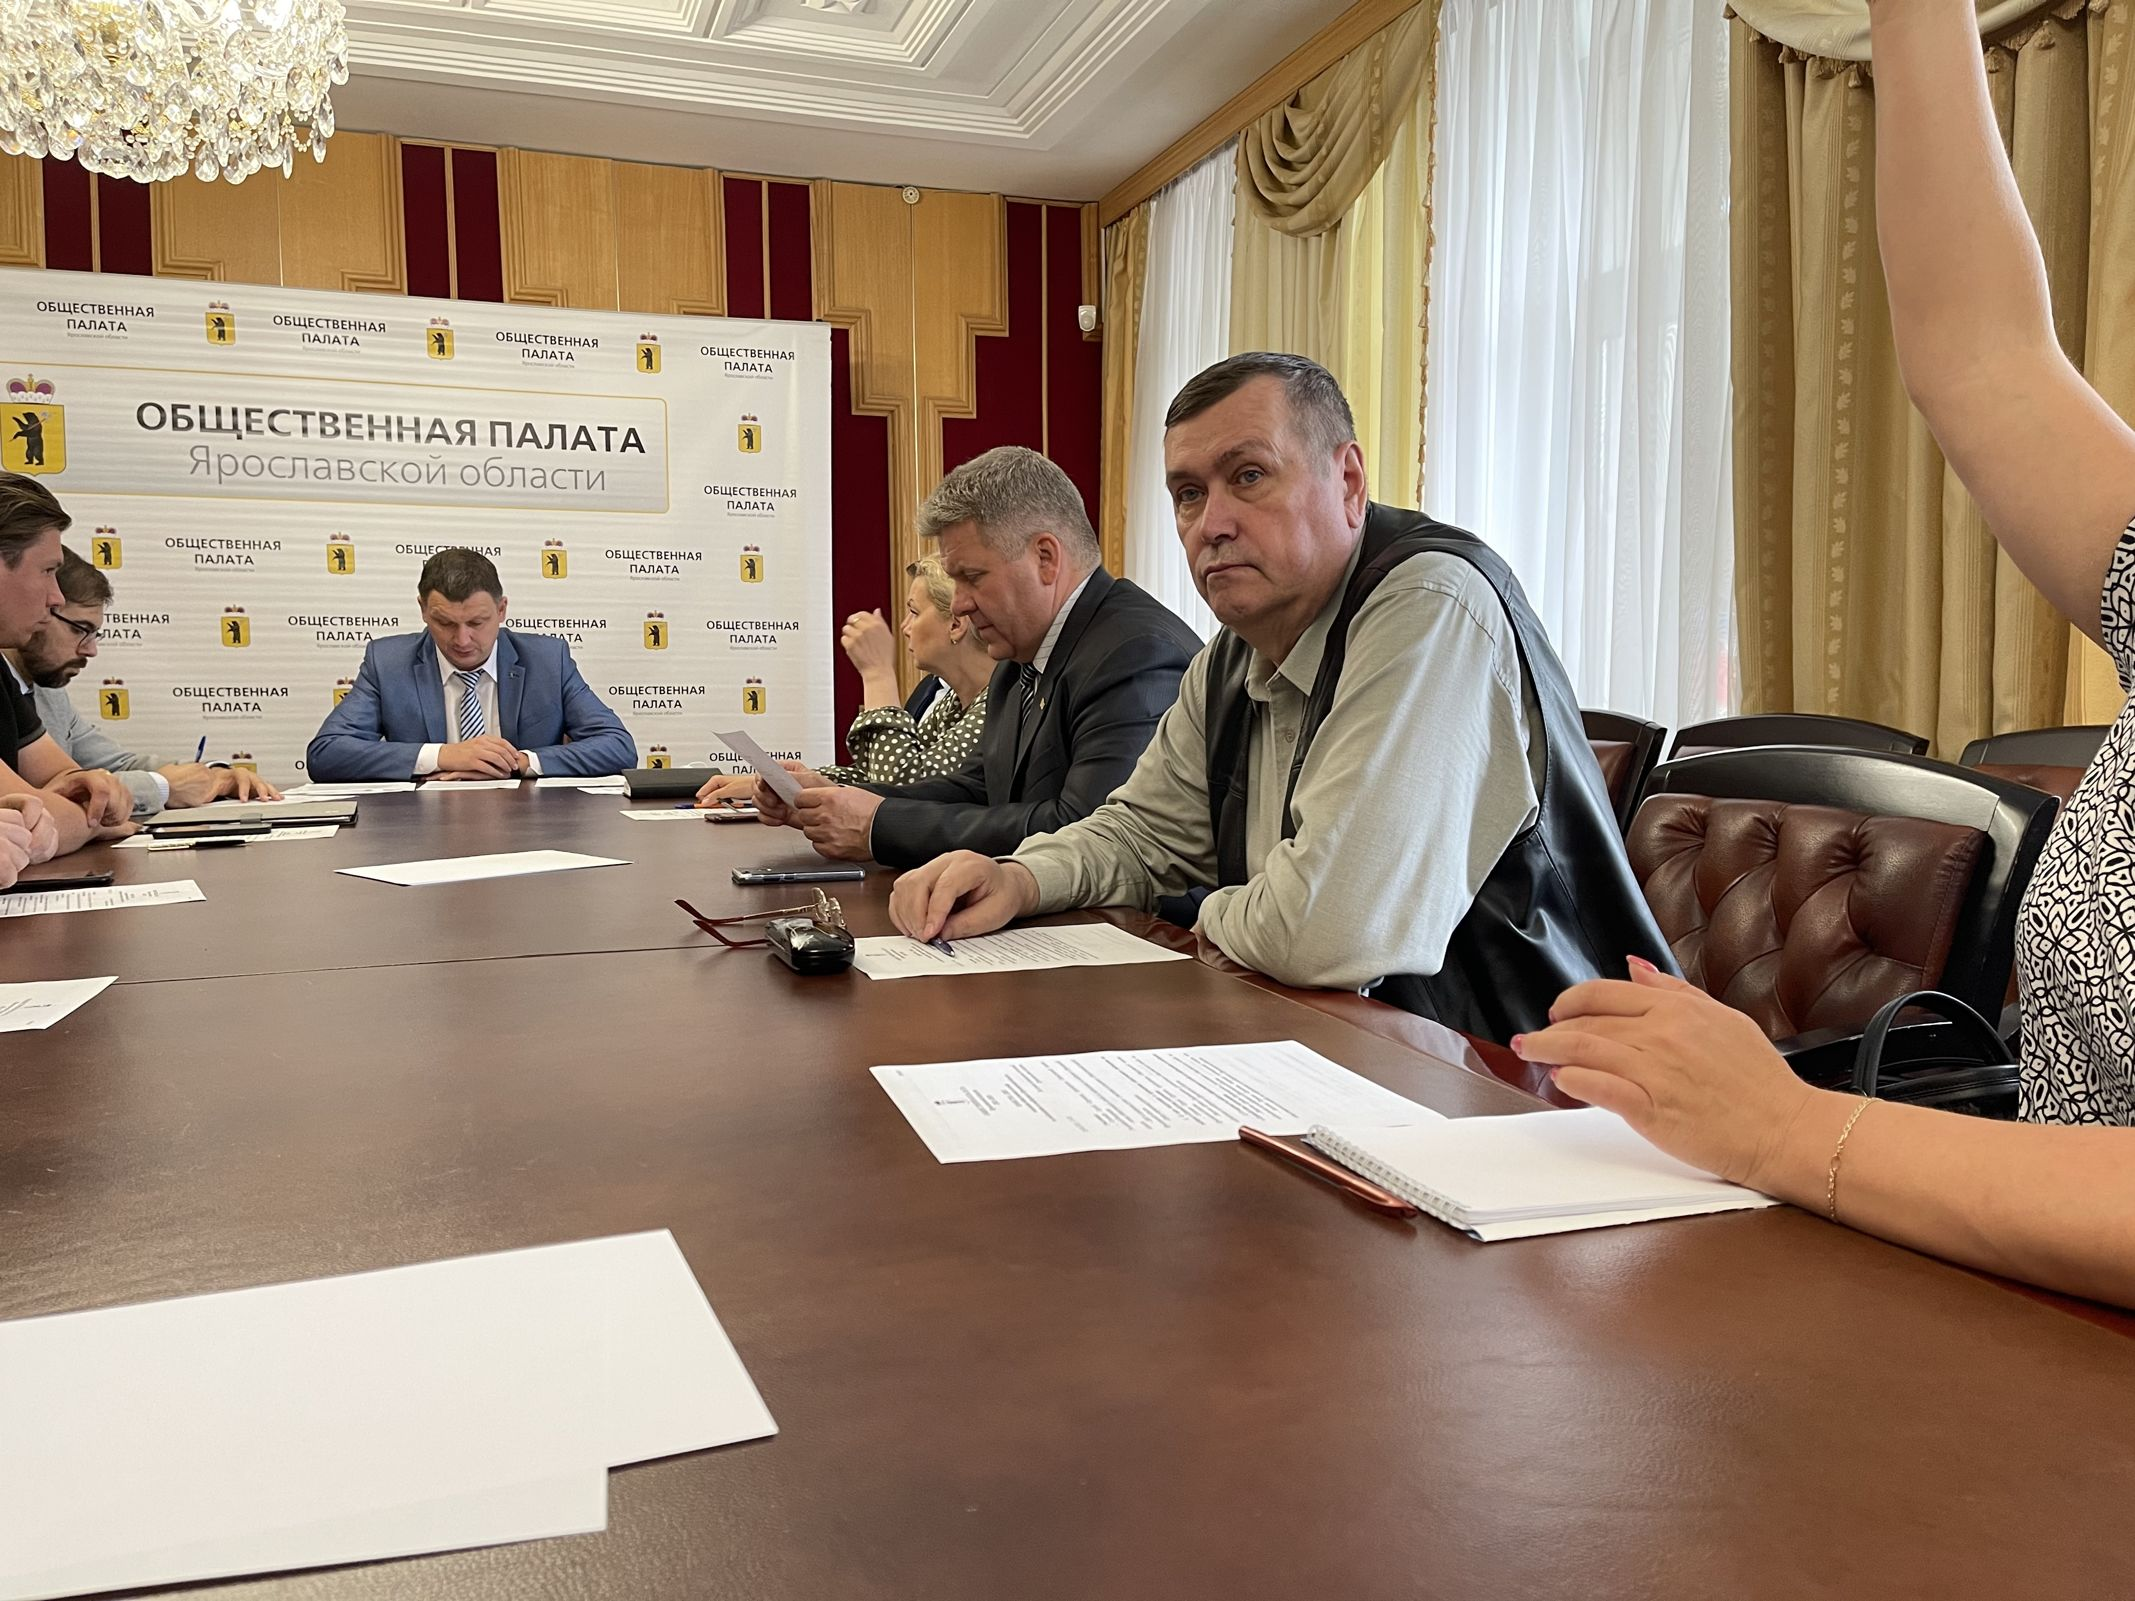 Профессор ЯрГУ: западные страны пытаются внедрить в информационное поле ложные представления о выборах